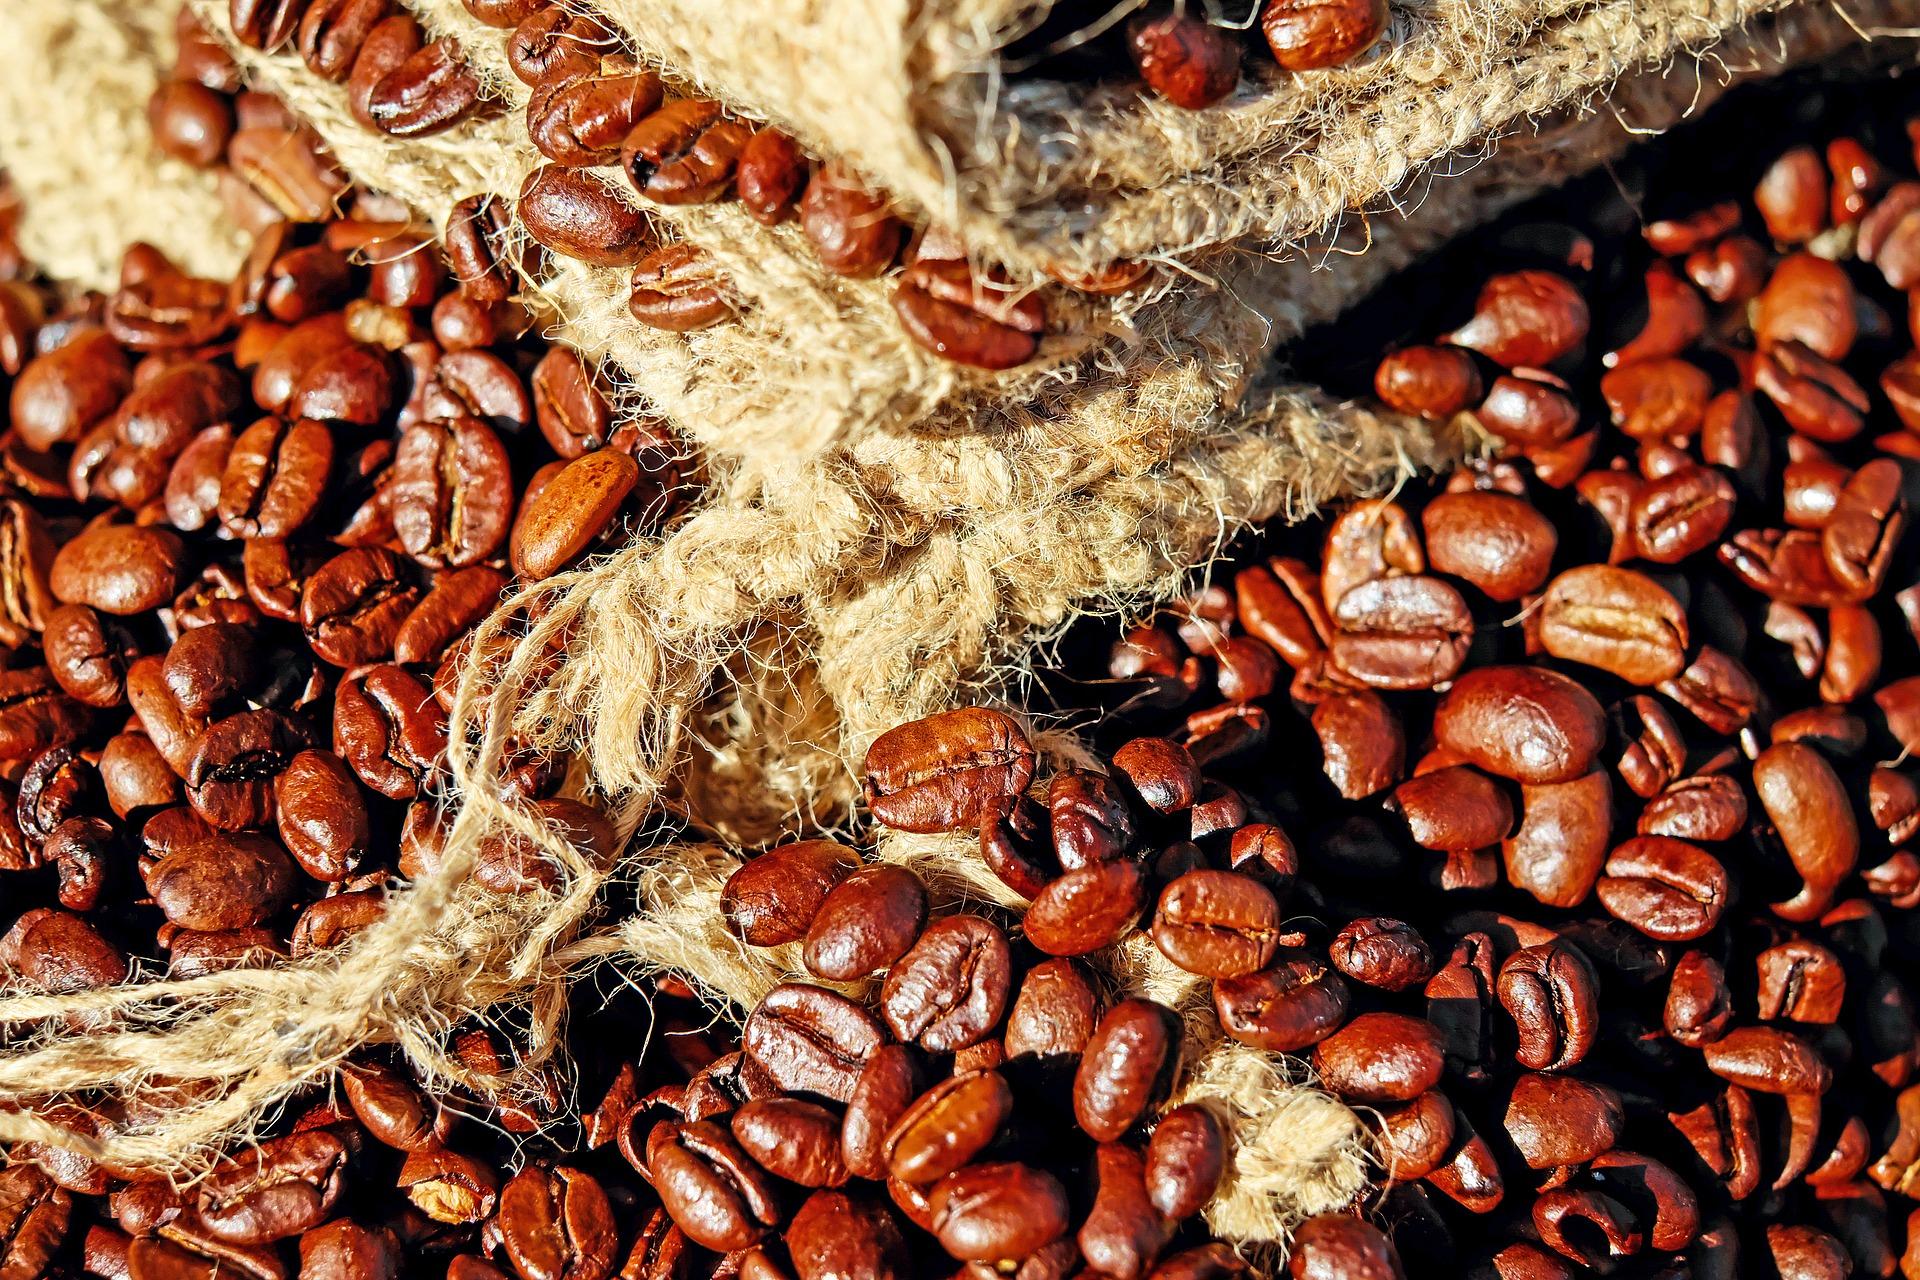 Hoe vind ik een goede koffiebonen aanbieding?